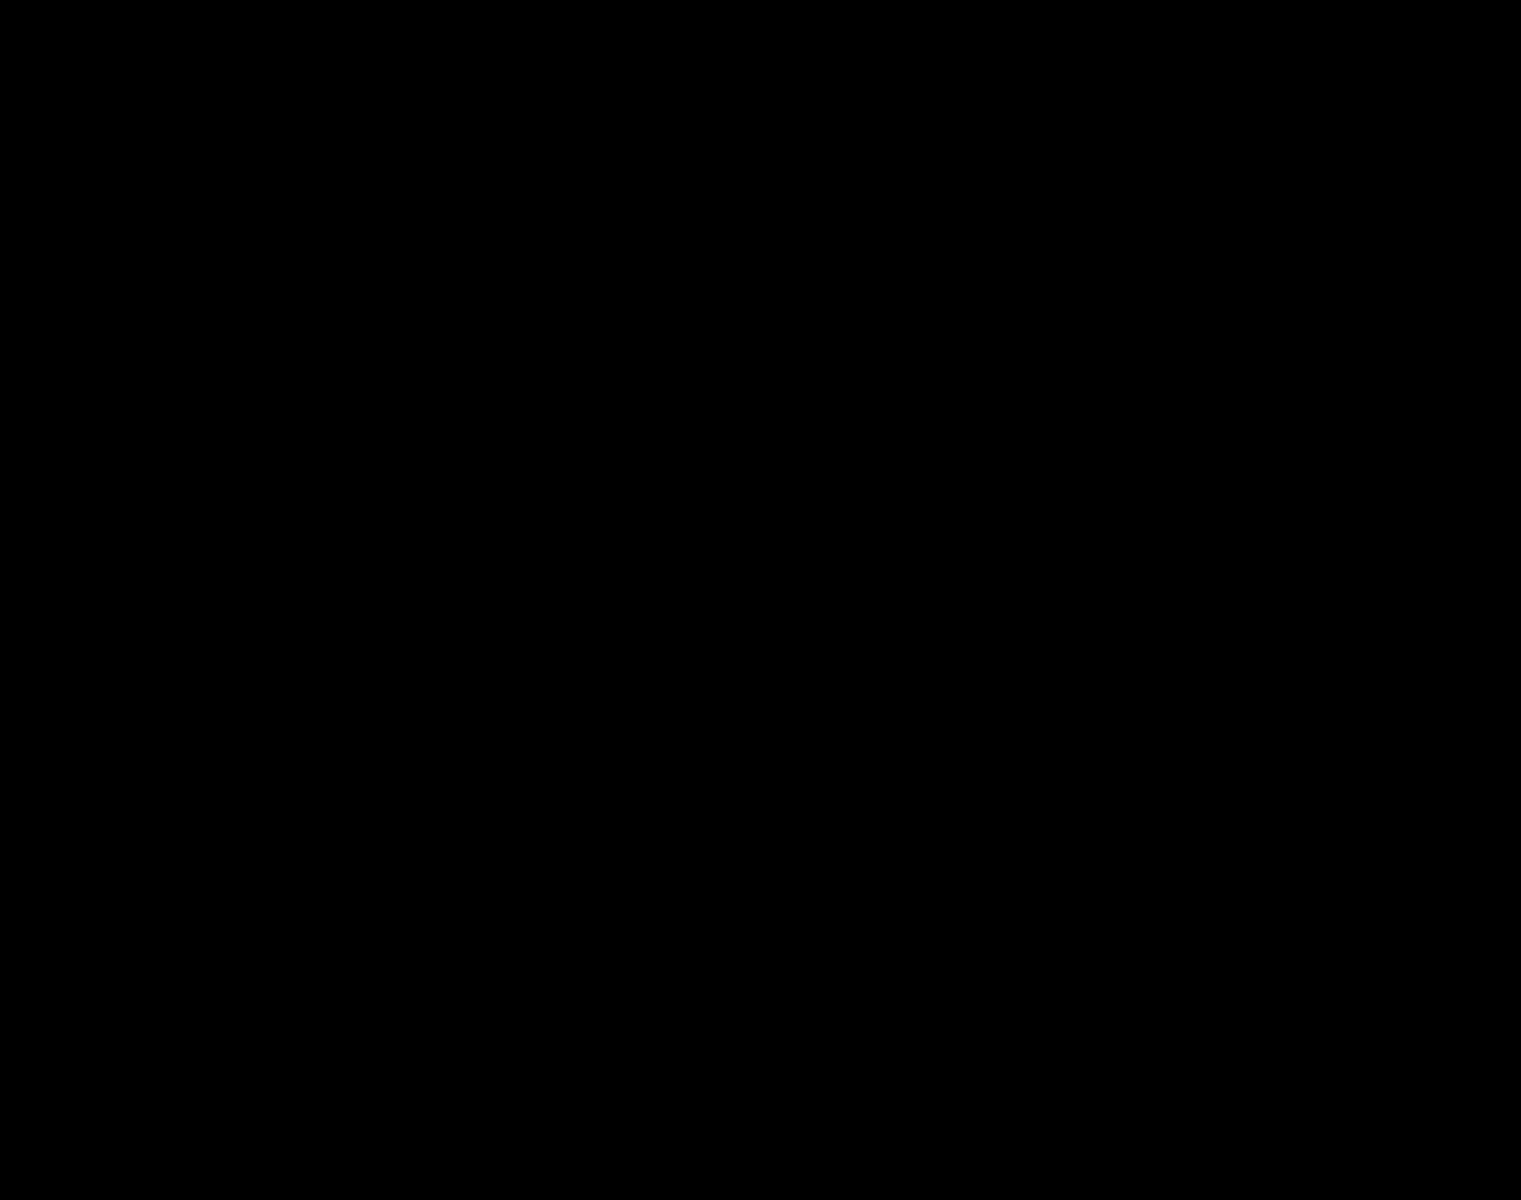 CWD 2 October 2021